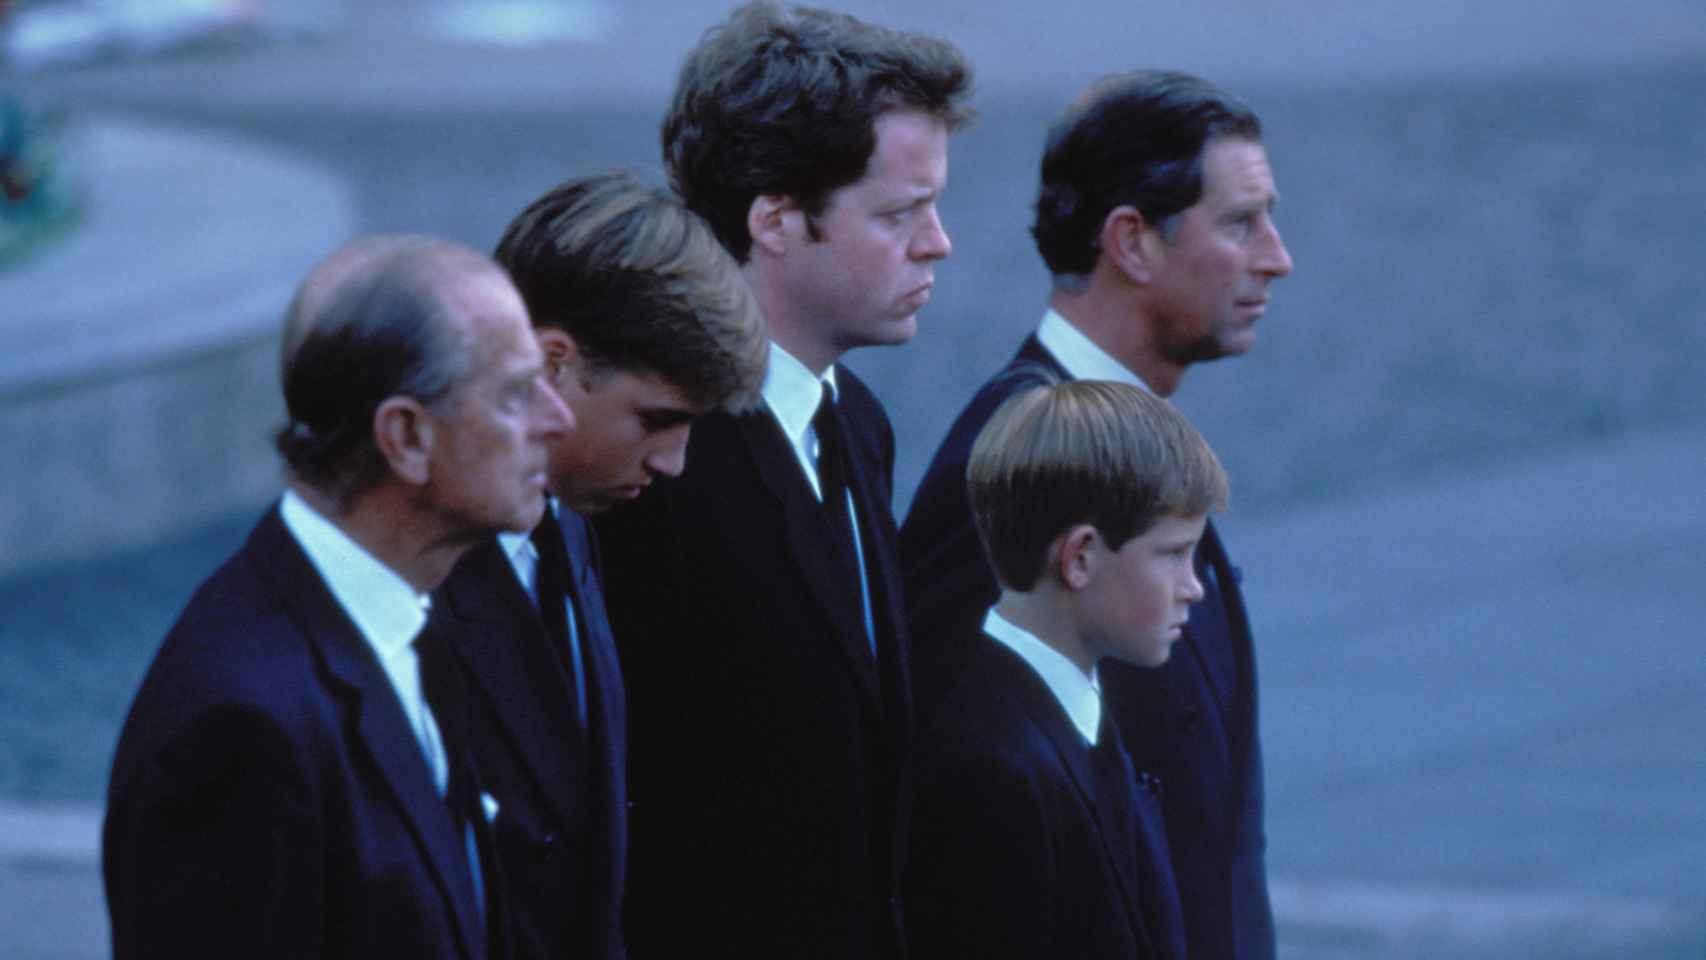 Momento del cortejo fúnebre en el funeral de Diana de Gales.